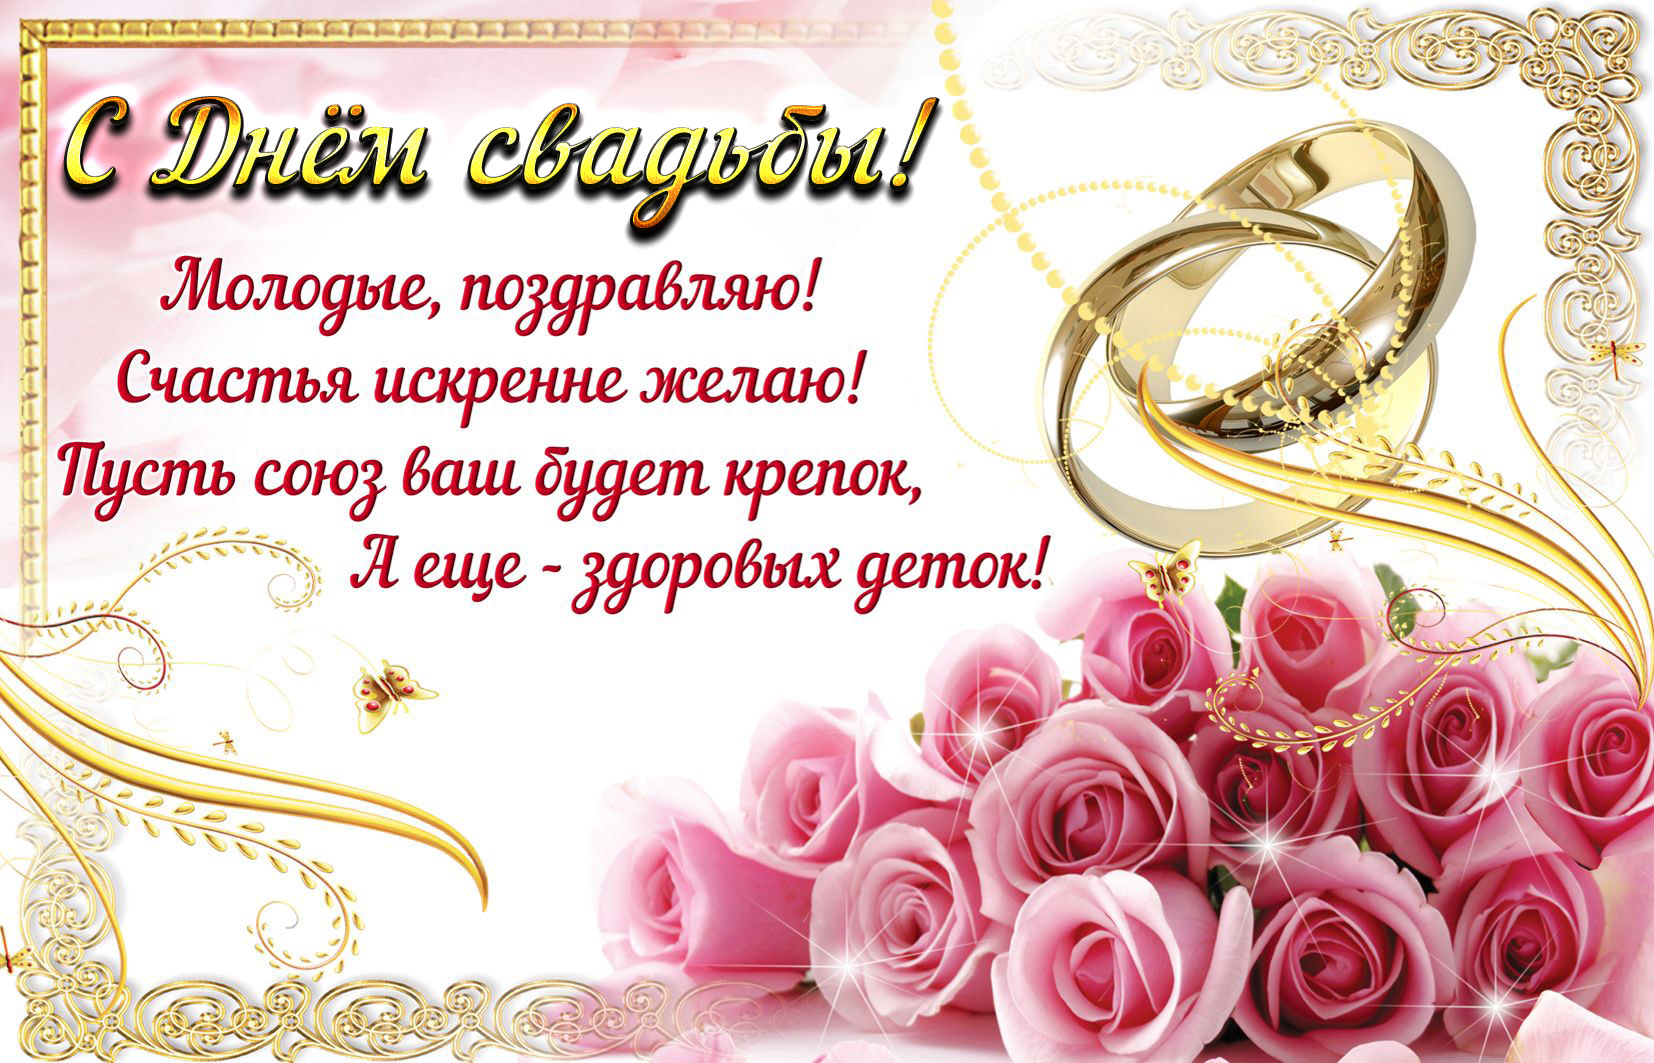 Поздравления Бывшего С Днем Свадьбы